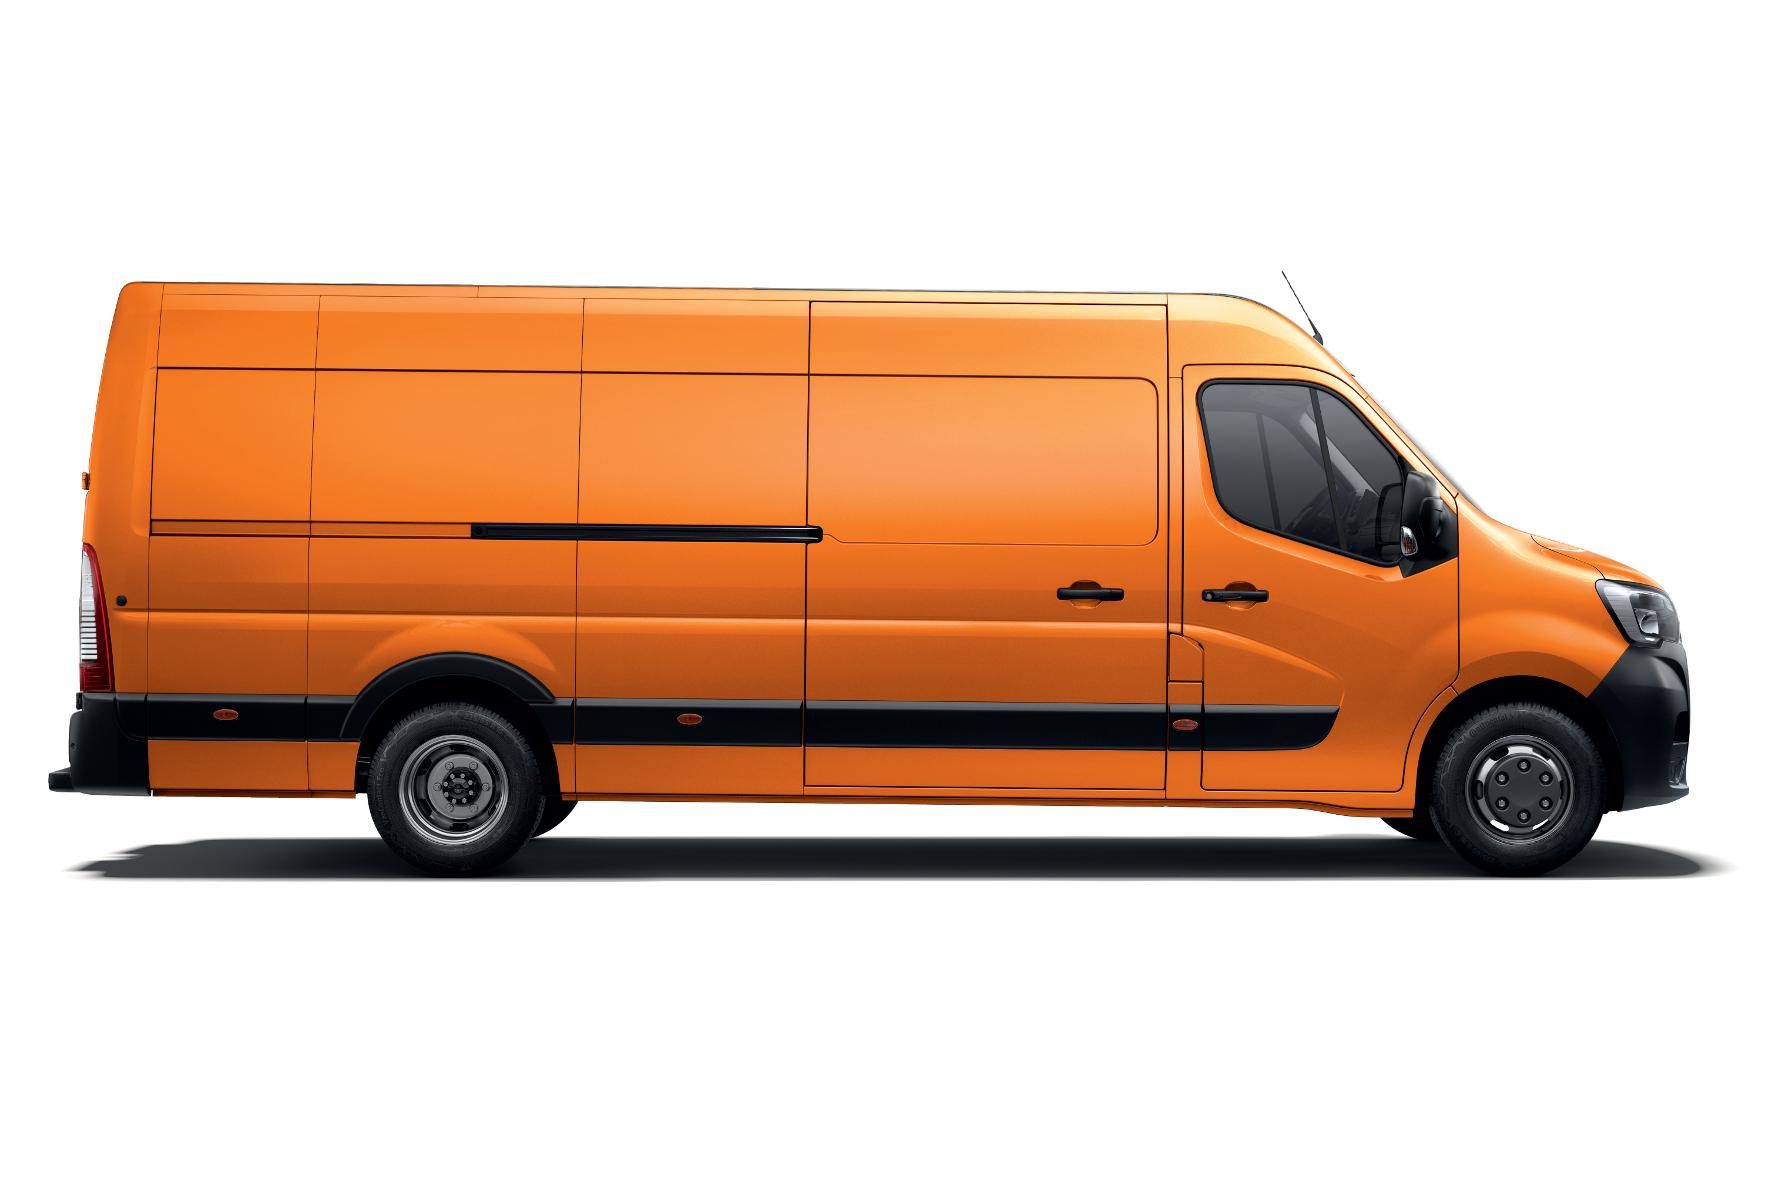 mid Lissabon - In voller Länge: Der Renault Master misst in der gestreckten Version 6,88 Meter. Renault